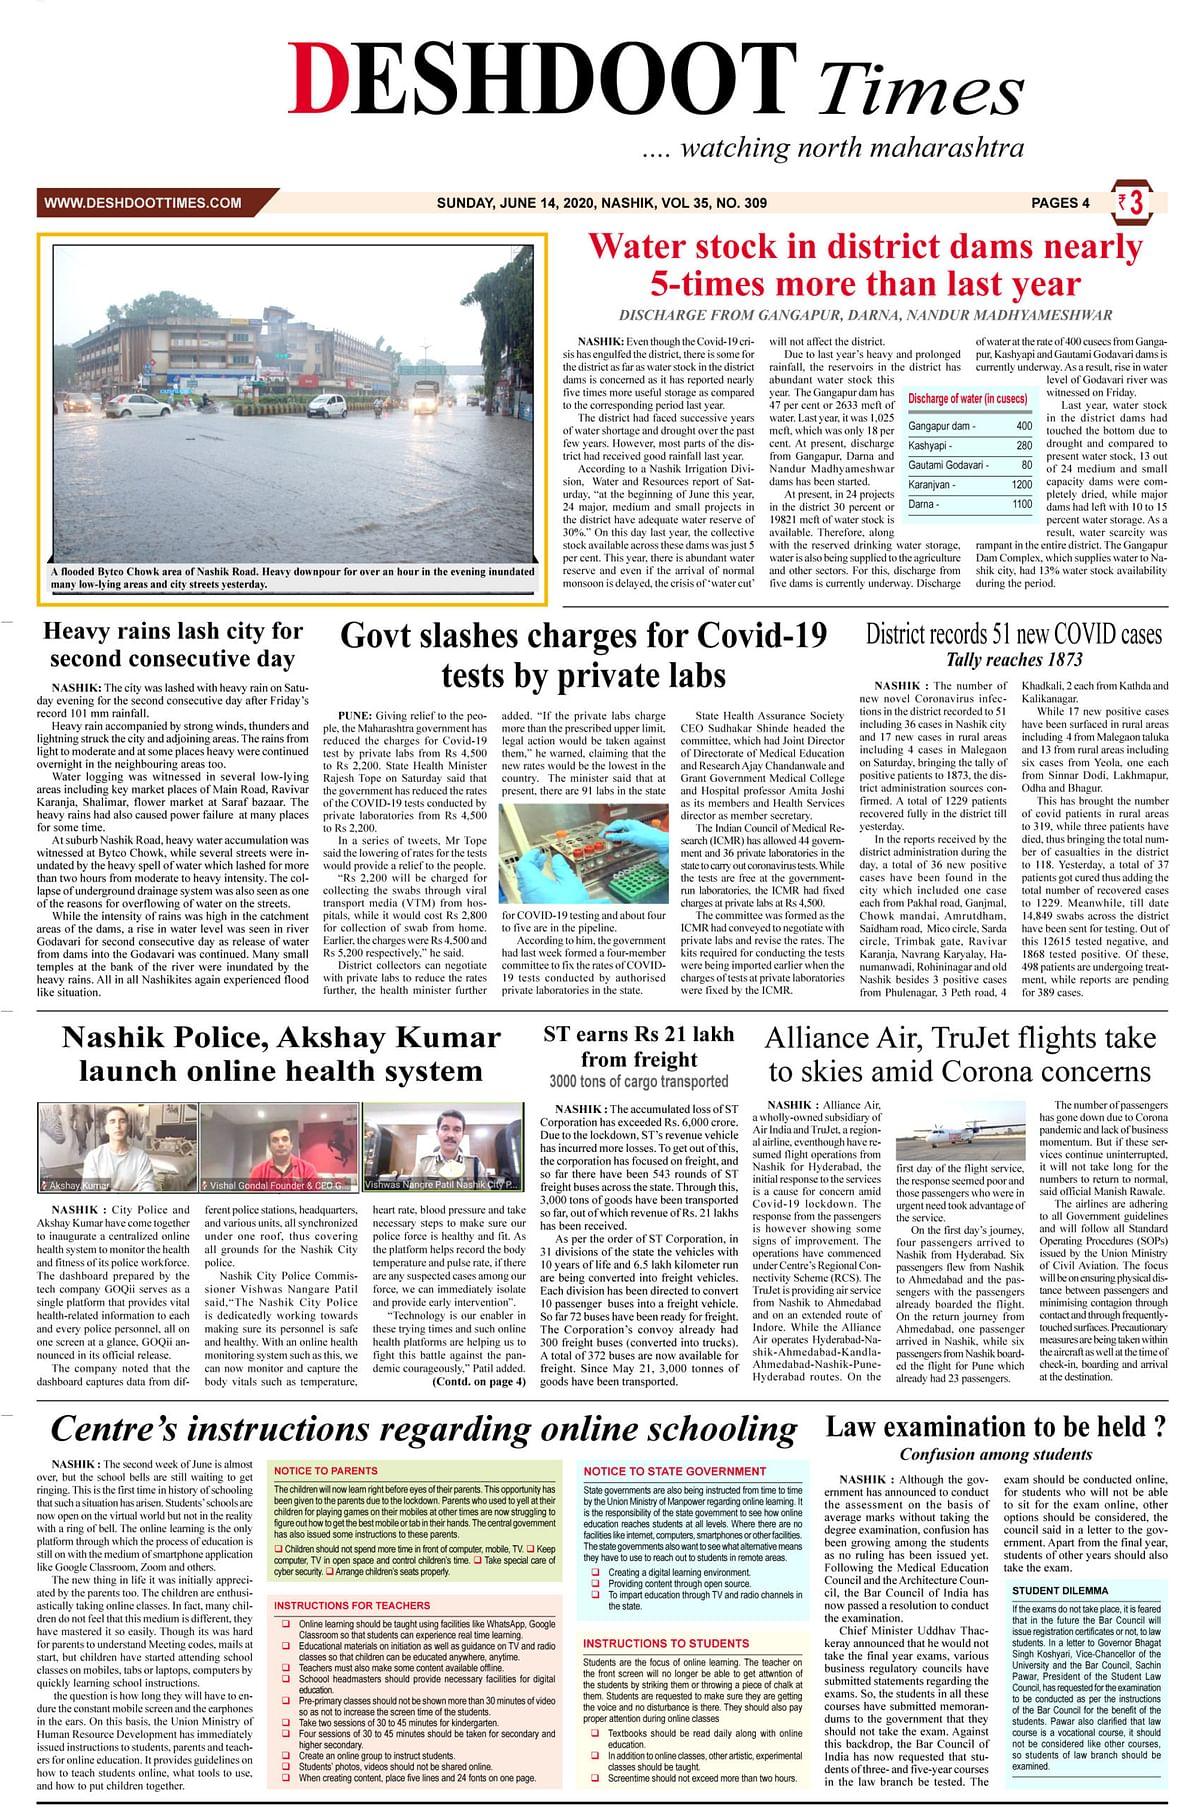 Deshdoot Times e paper, 14 June 2020